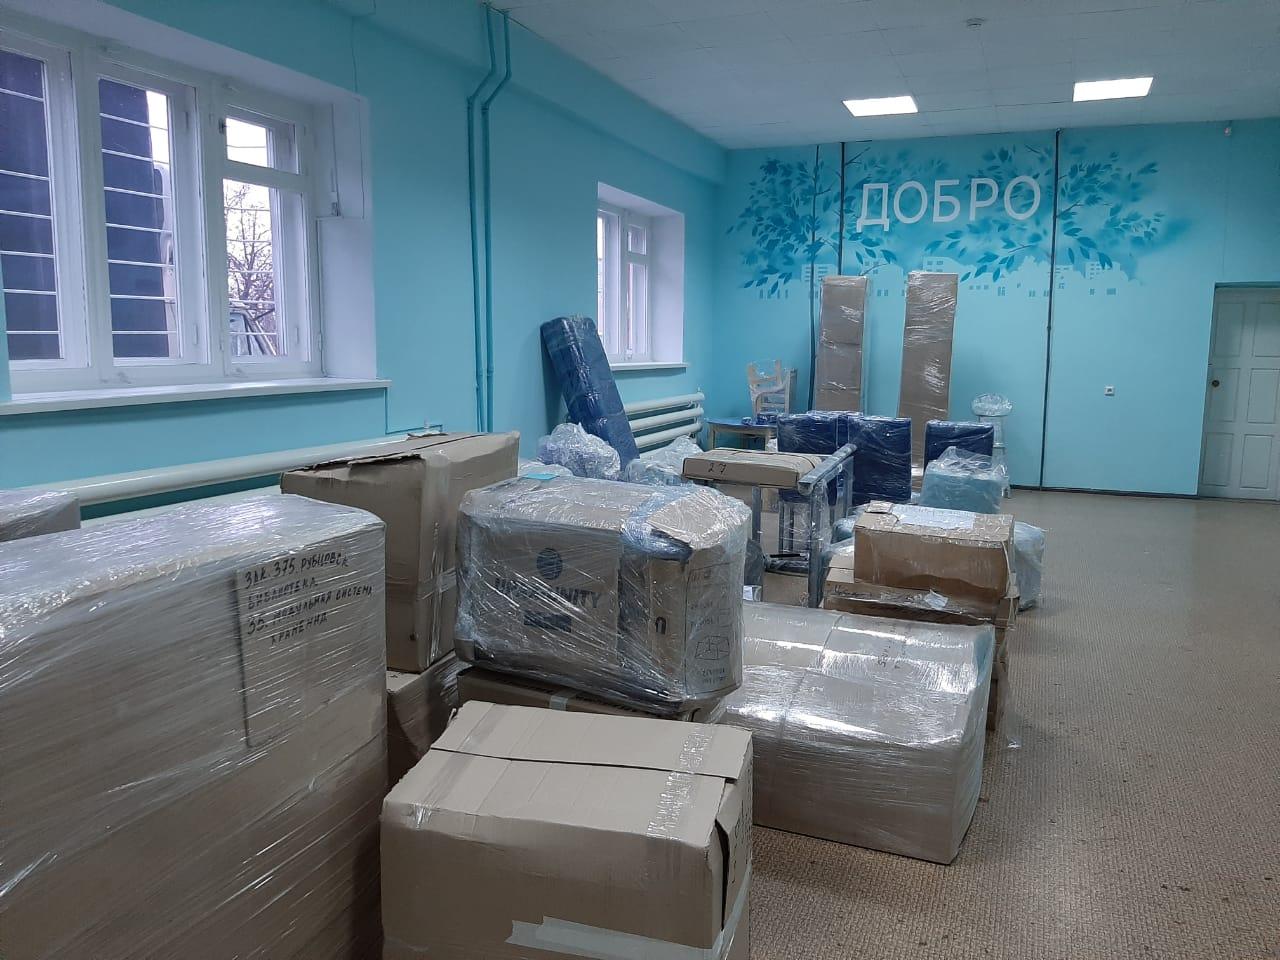 В Рубцовске продолжается подготовка к открытию модельной библиотеки «Контакт»